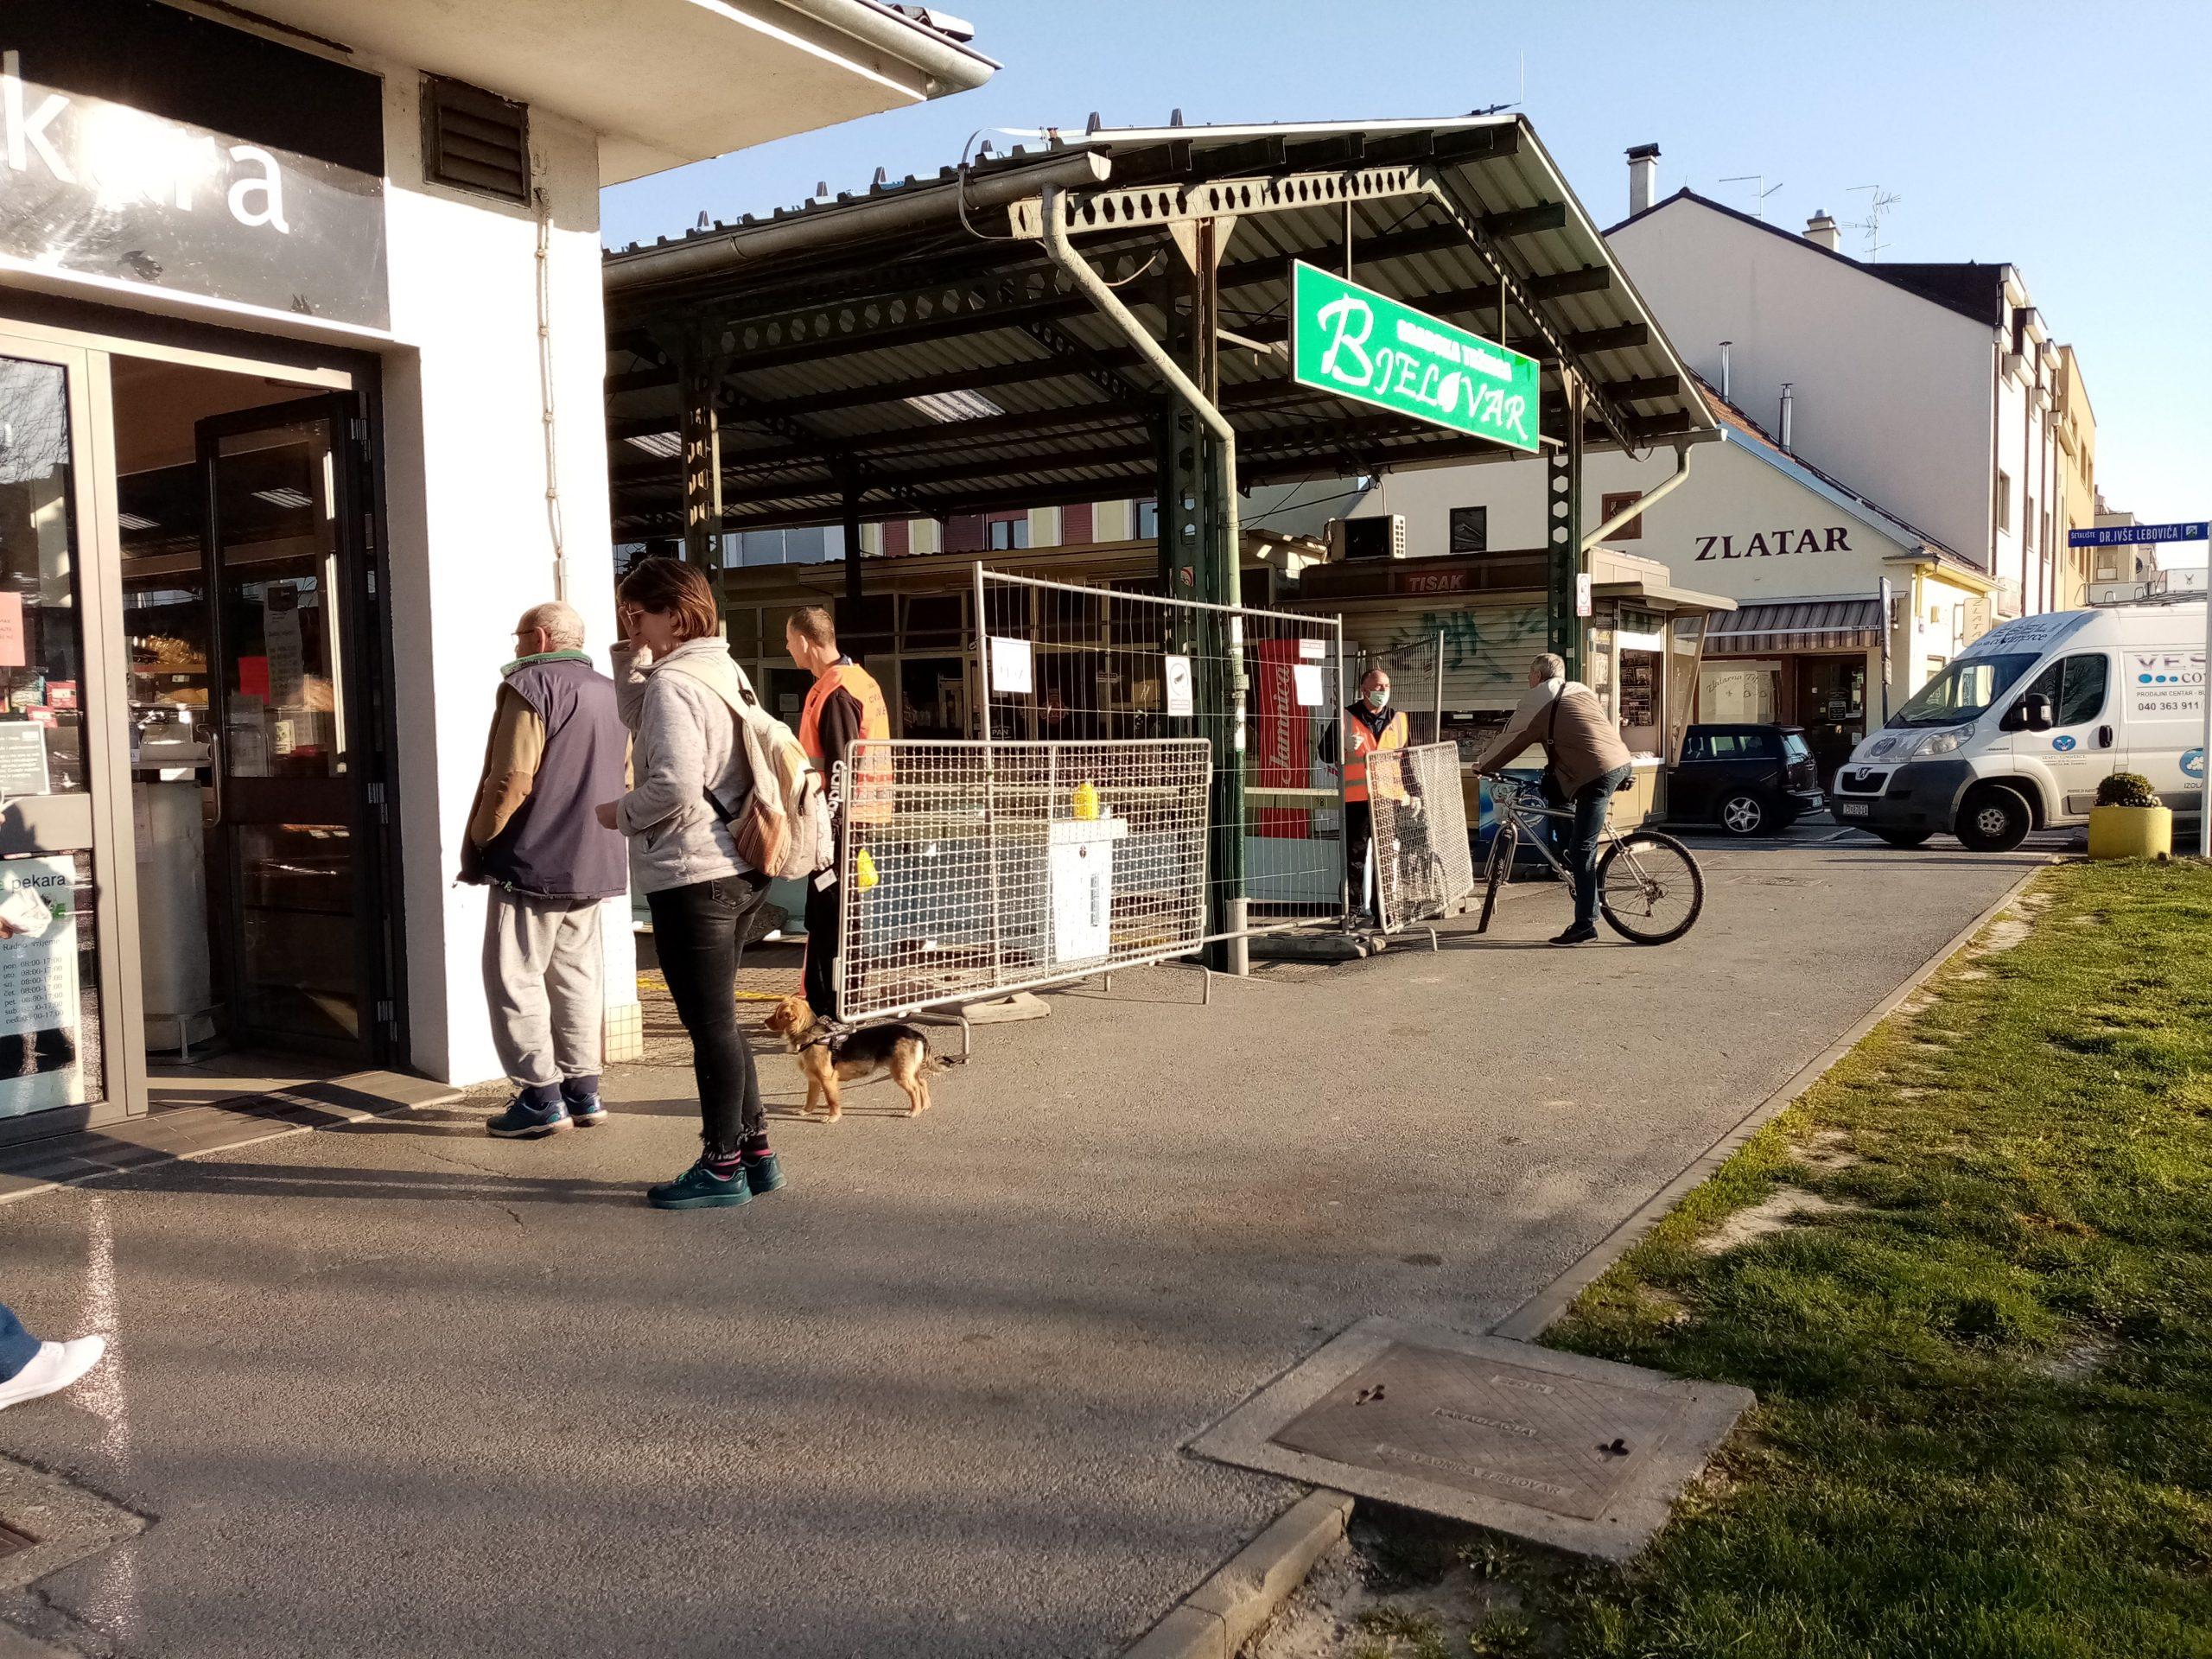 PRIJE SLUŽBENE ODLUKE Tržnica otvorena u skladu s preporukama, no prerano